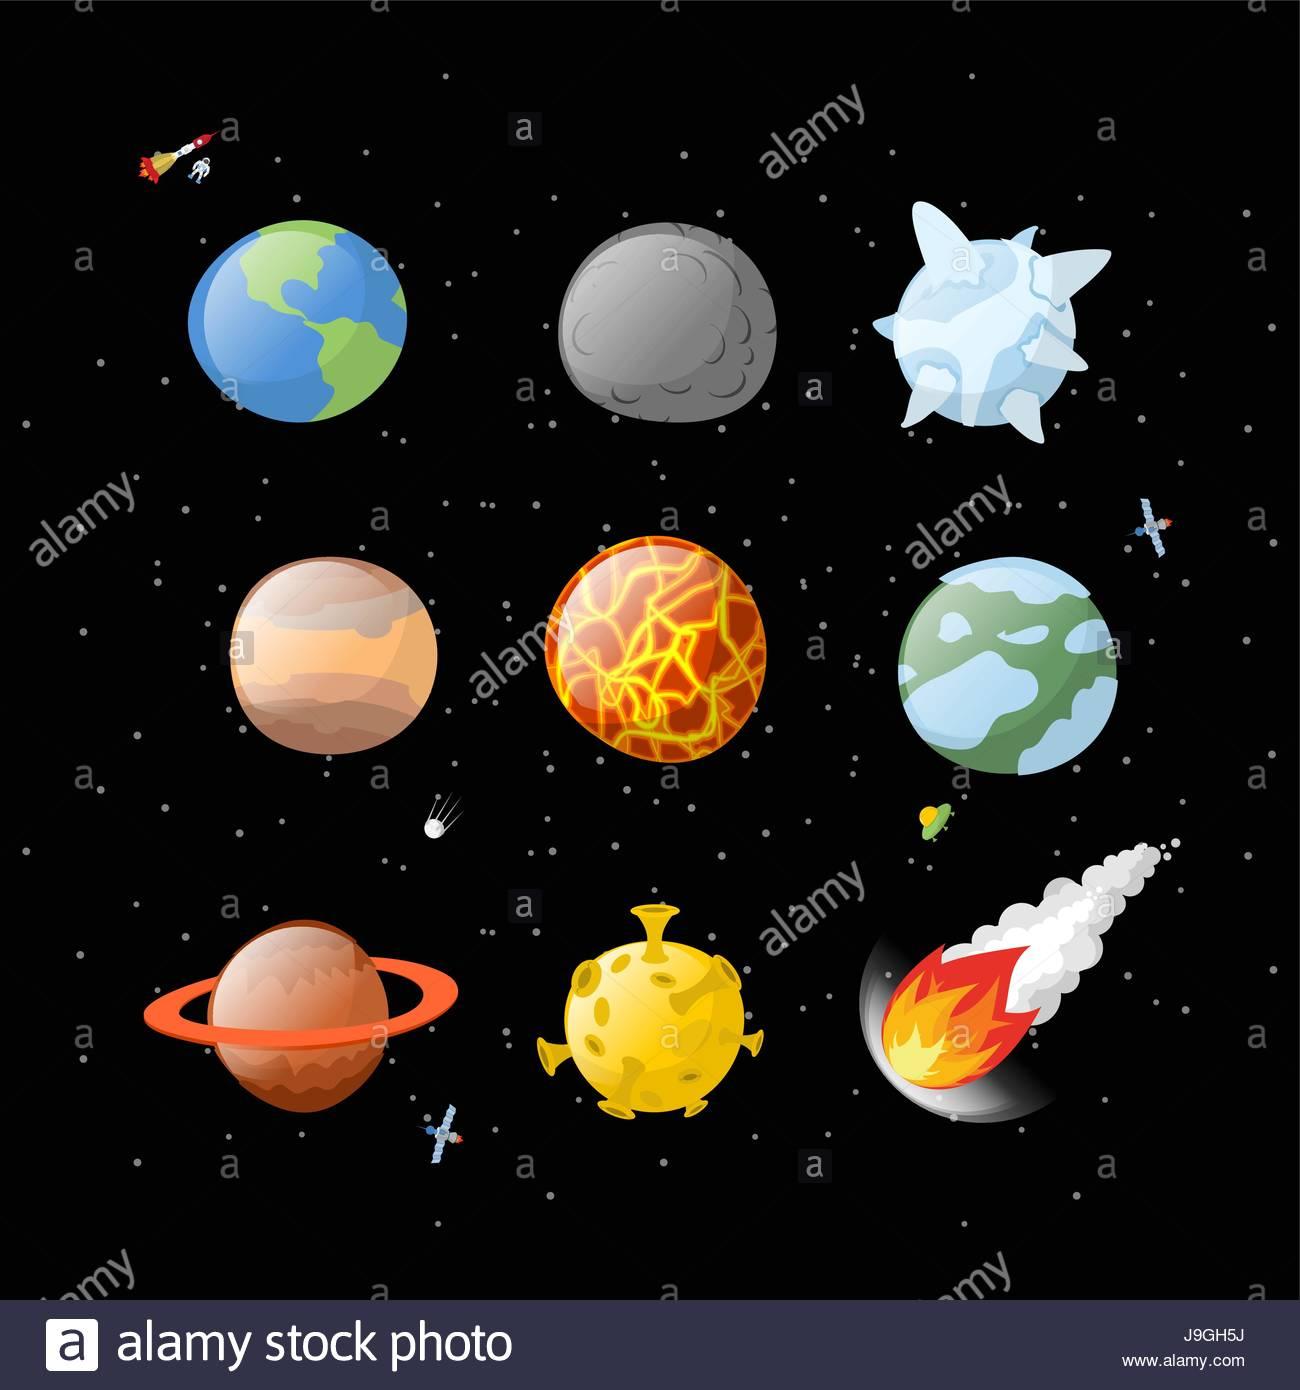 Planète Définir Un Arrière-Plan Sombre. L'espace Sombre intérieur Dessin Du Système Solaire